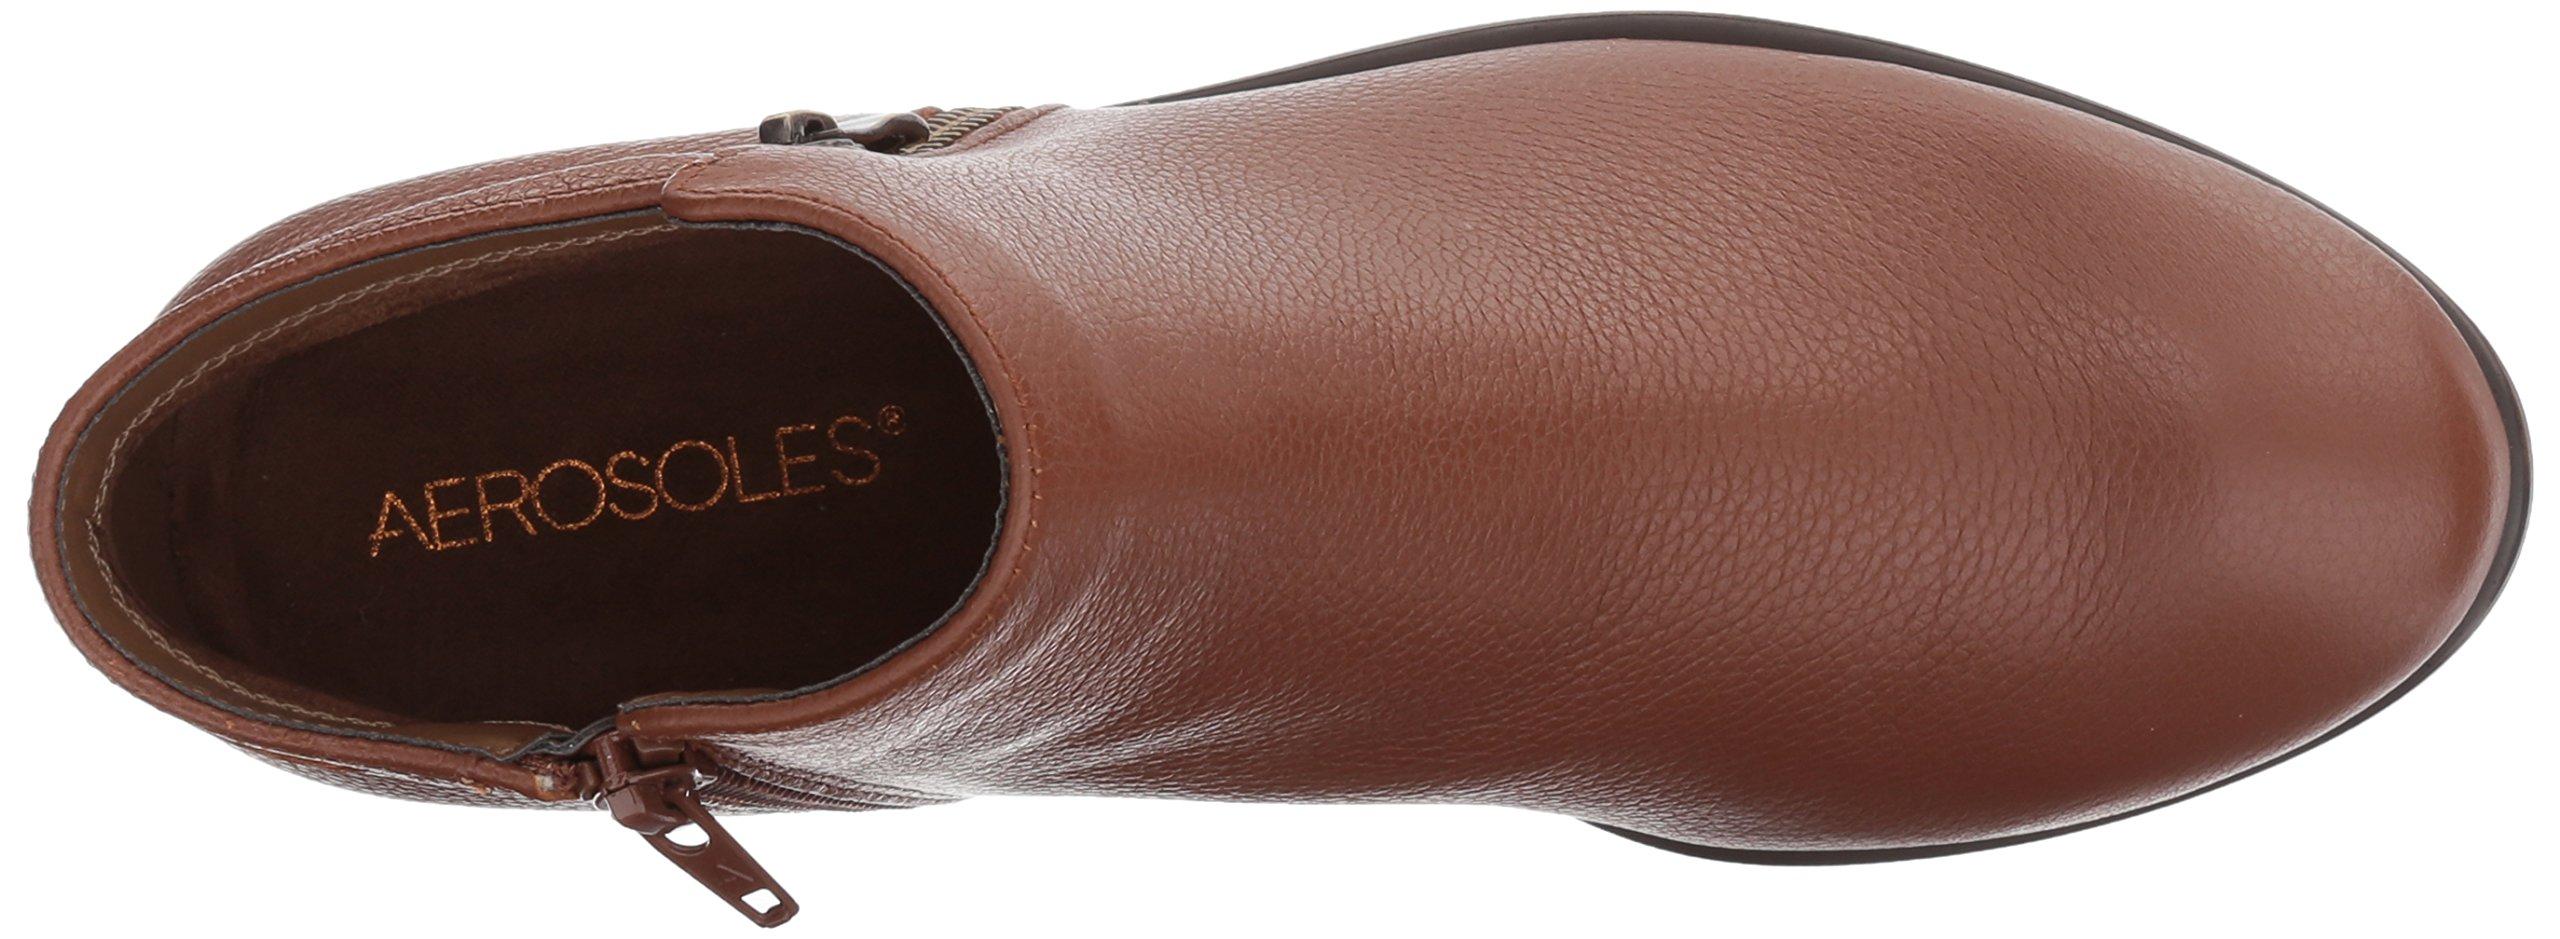 Aerosoles Women's Mythology Boot, Dark Tan Leather, 9 W US by Aerosoles (Image #8)